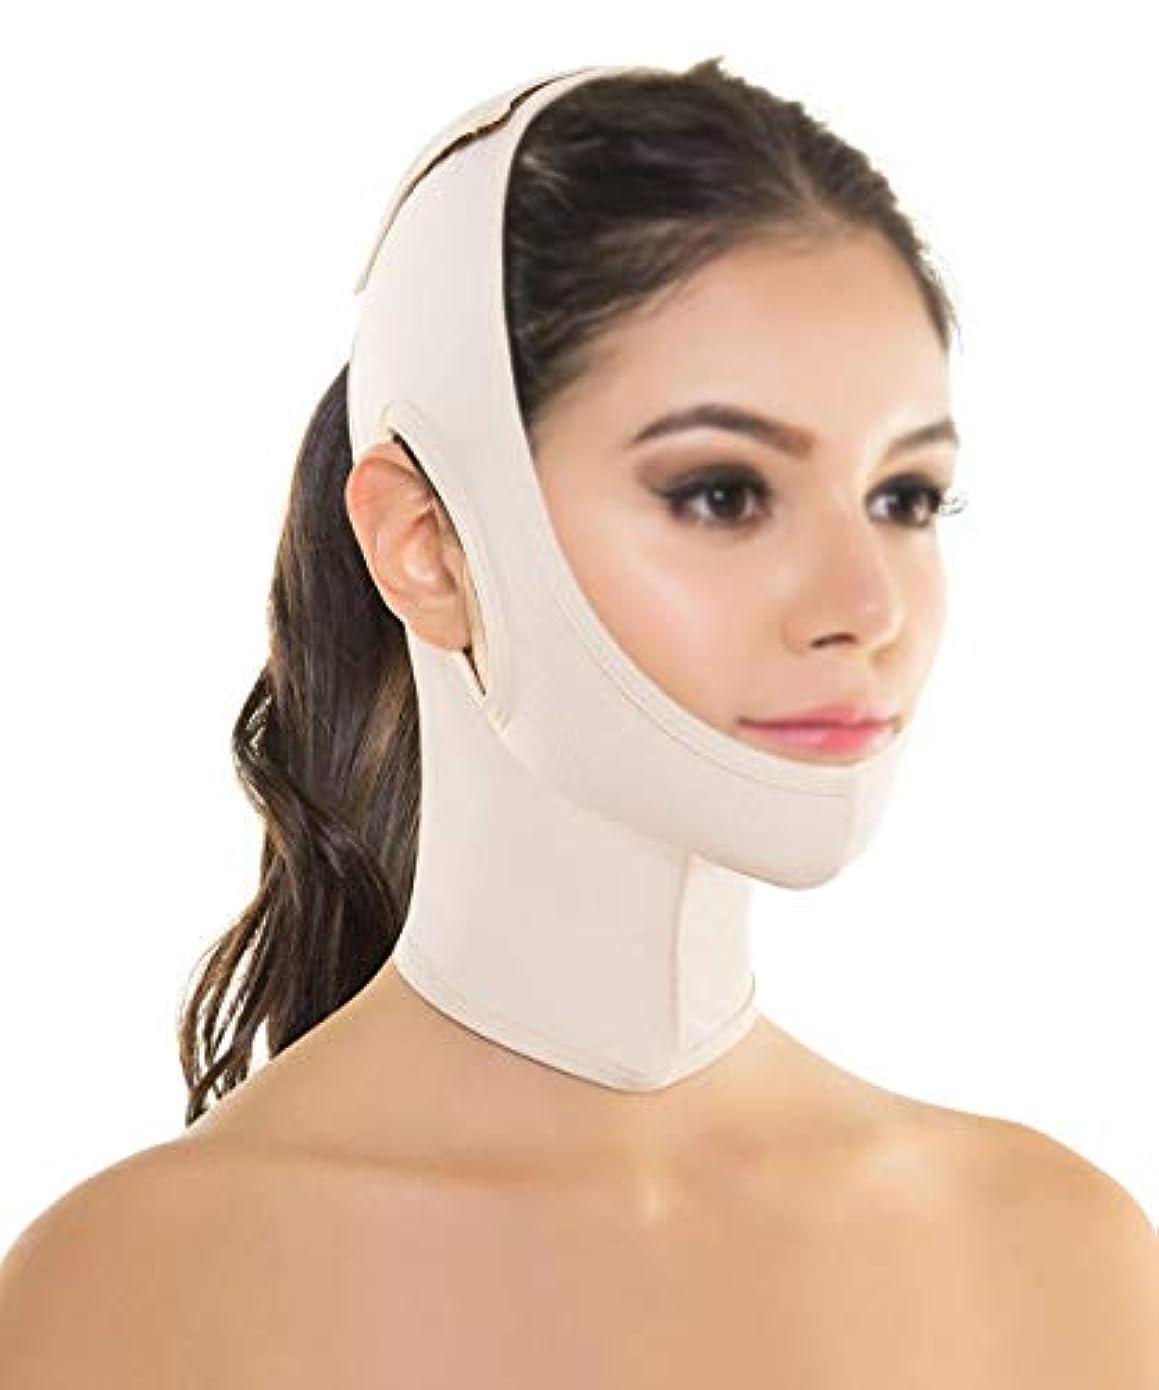 パテ楽観ベールTLMY フェイシャルリフティングマスクシリコンVマスクリフティングマスクシンフェイスアーティファクトリフティングダブルチン術後包帯フェイシャル&ネックリフティング 顔用整形マスク (Color : Skin tone)